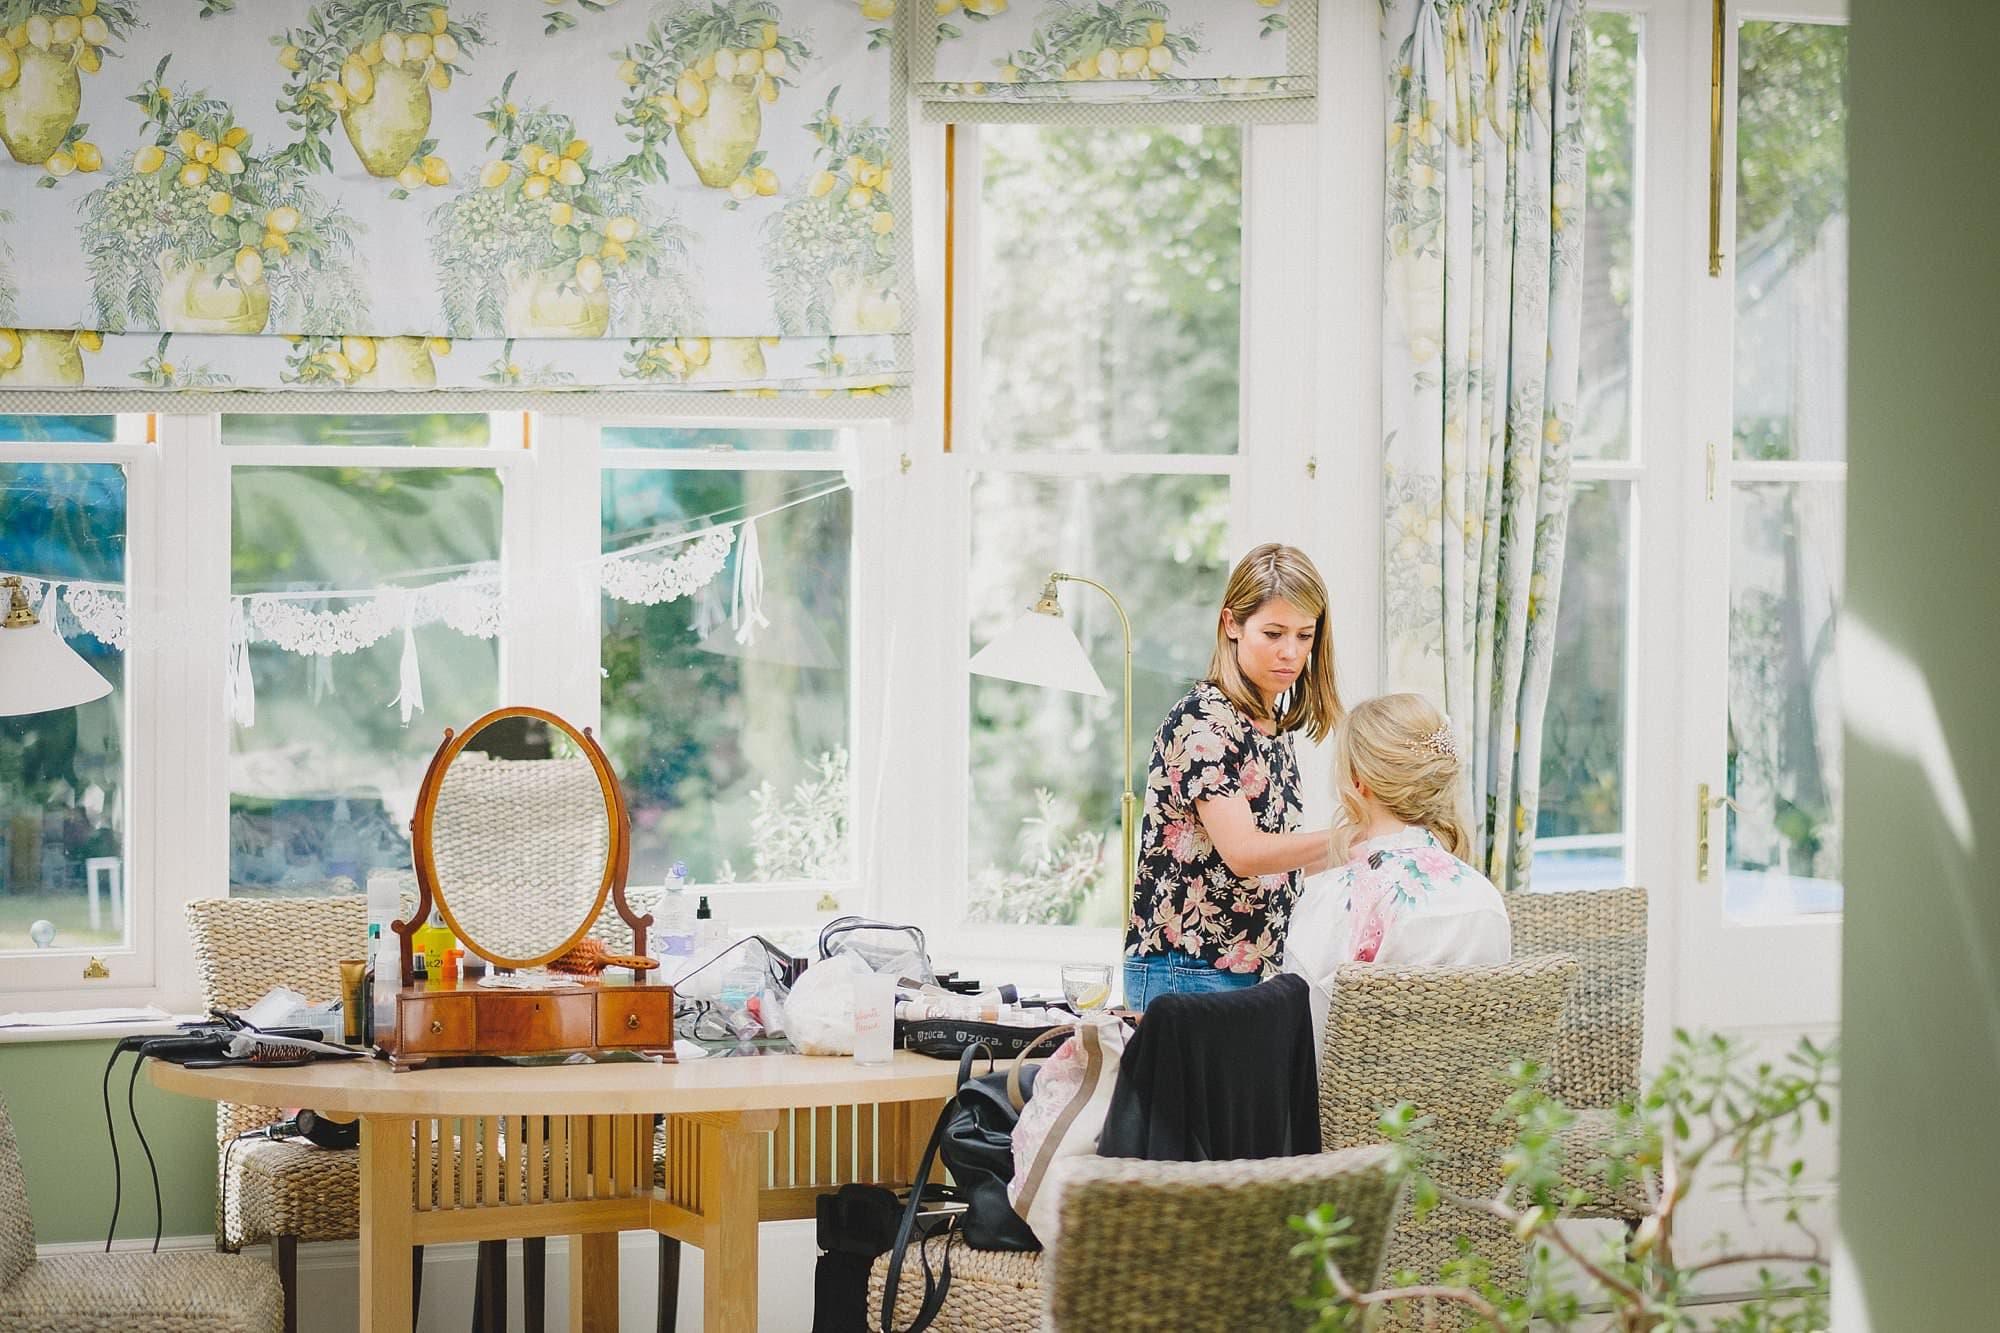 fulham palace wedding photographer 004 - Rosanna + Duncan | Fulham